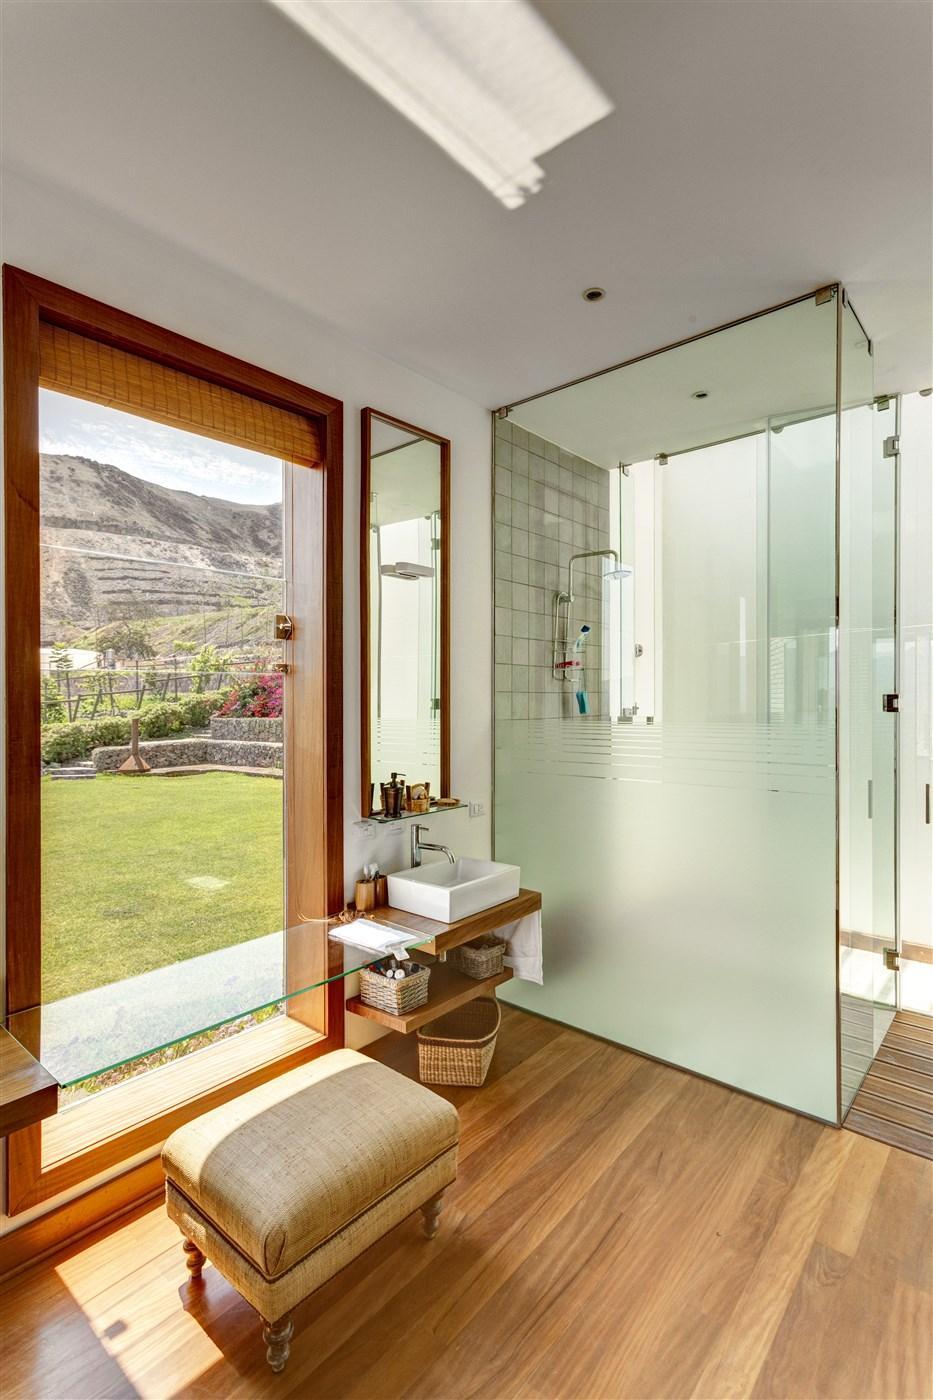 wood flooring, bathroom design ideas